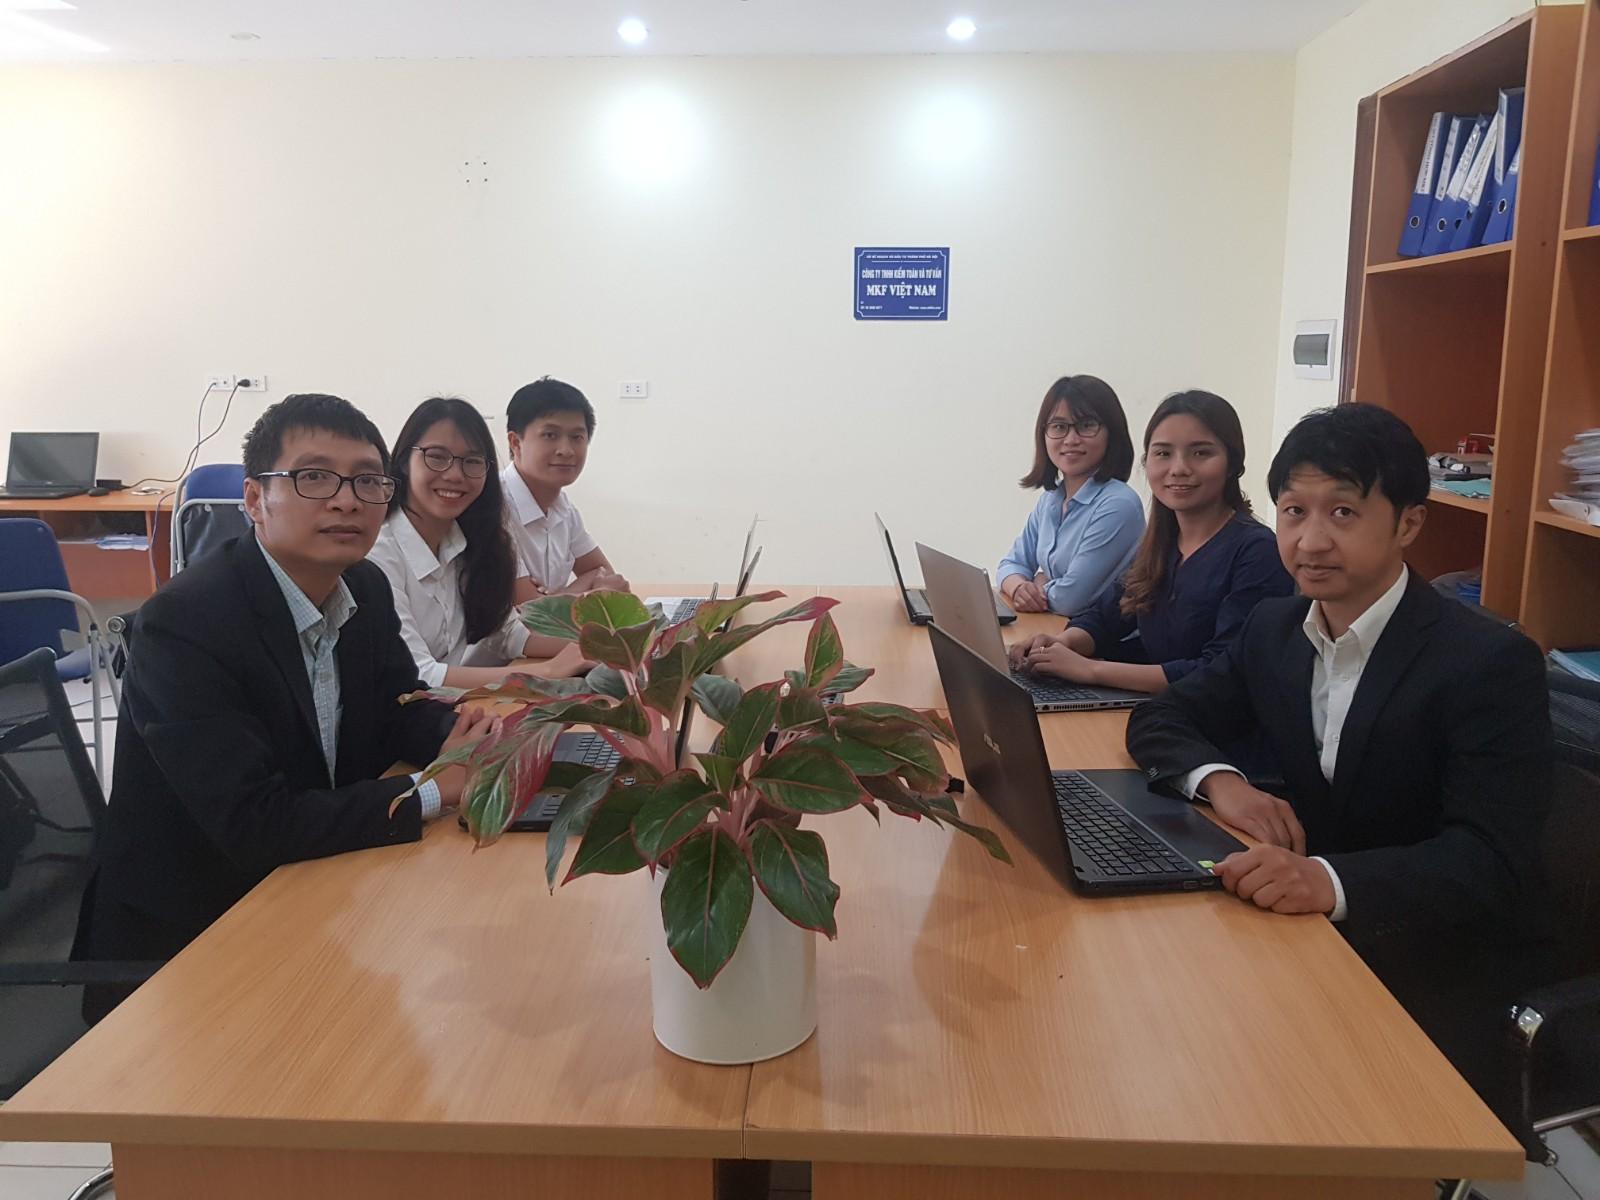 Kế toán online, khởi đầu cho cuộc cách mạng công nghiệp 4.0 trong lĩnh vực kế toán - thuế tại Việt Nam